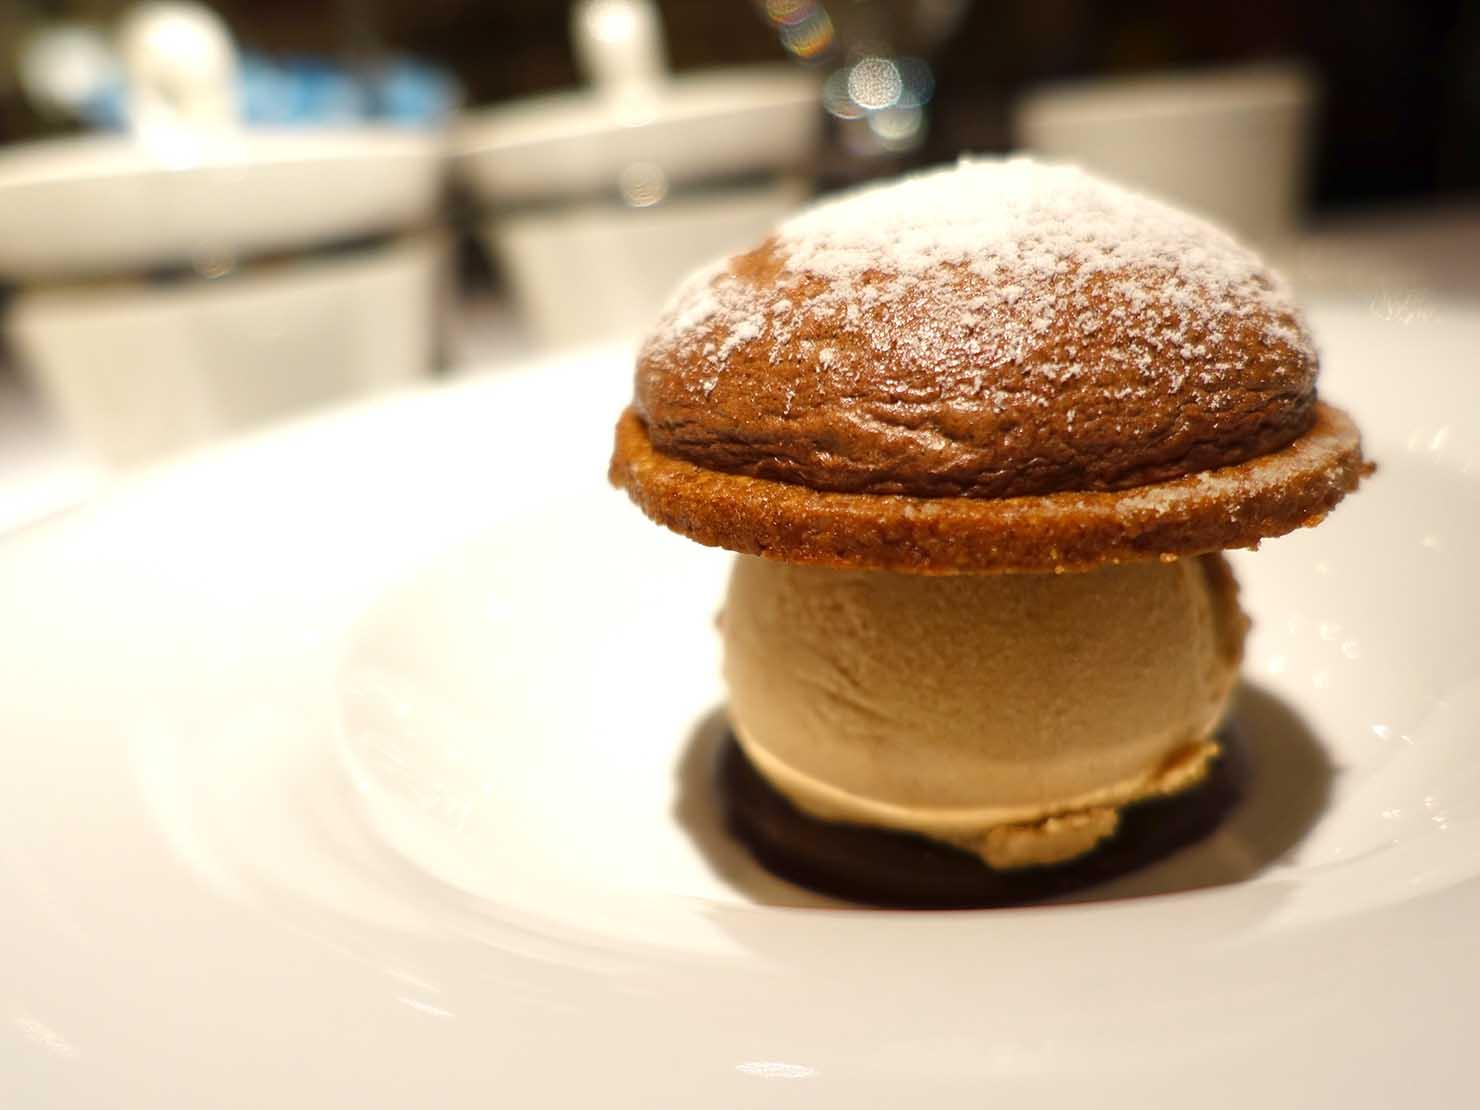 台北の4つ星ホテルにあるステーキハウス「地中海牛排館」の脆餅(チョコレートクッキー)